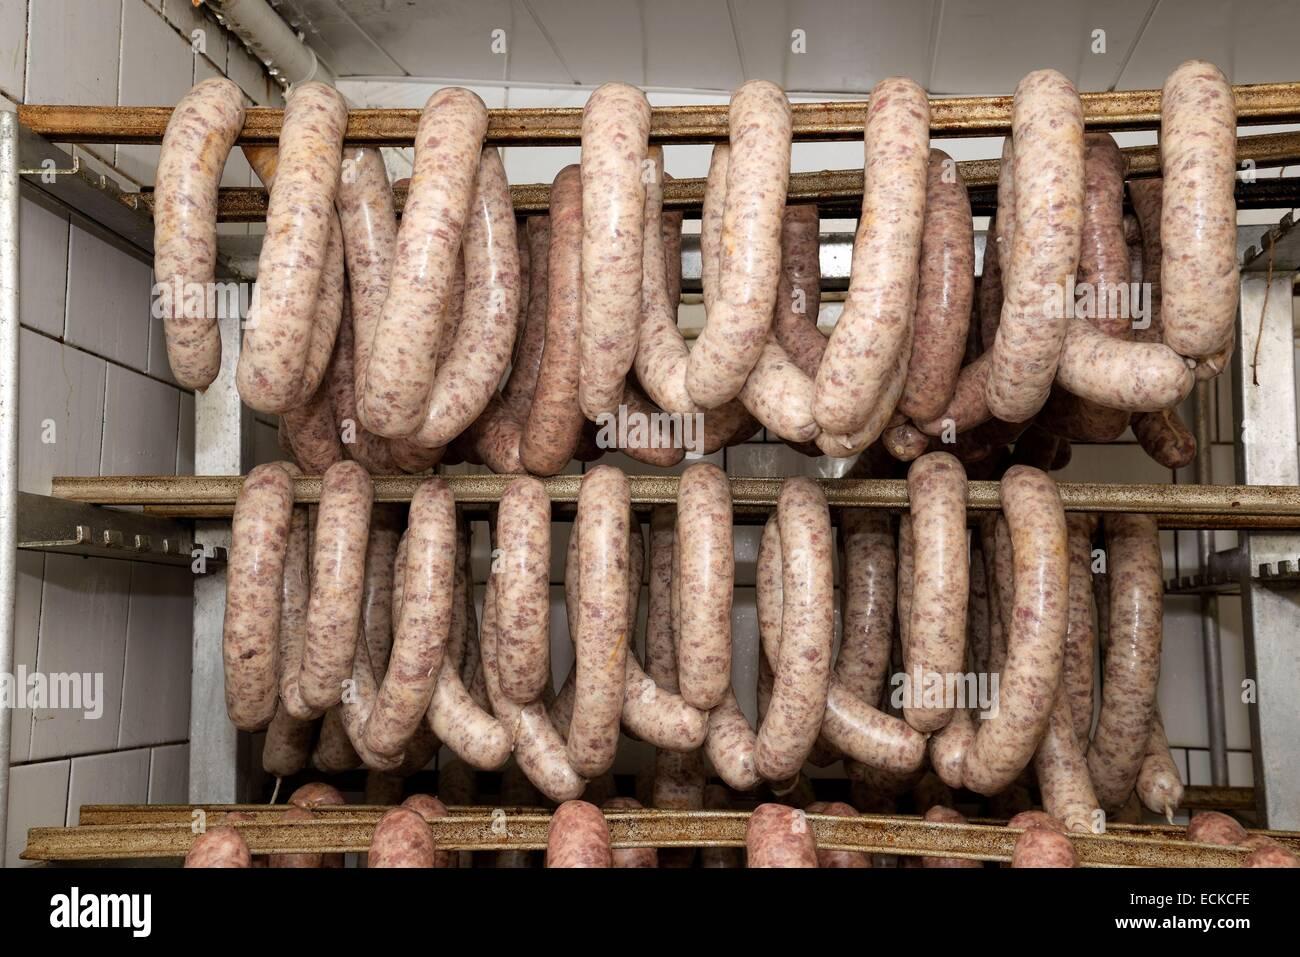 Frankreich, Doubs, Mandeure, Metzger Rosales, wodurch Saucisse d Montbeliard, trocknen vor dem Rauchen Stockbild